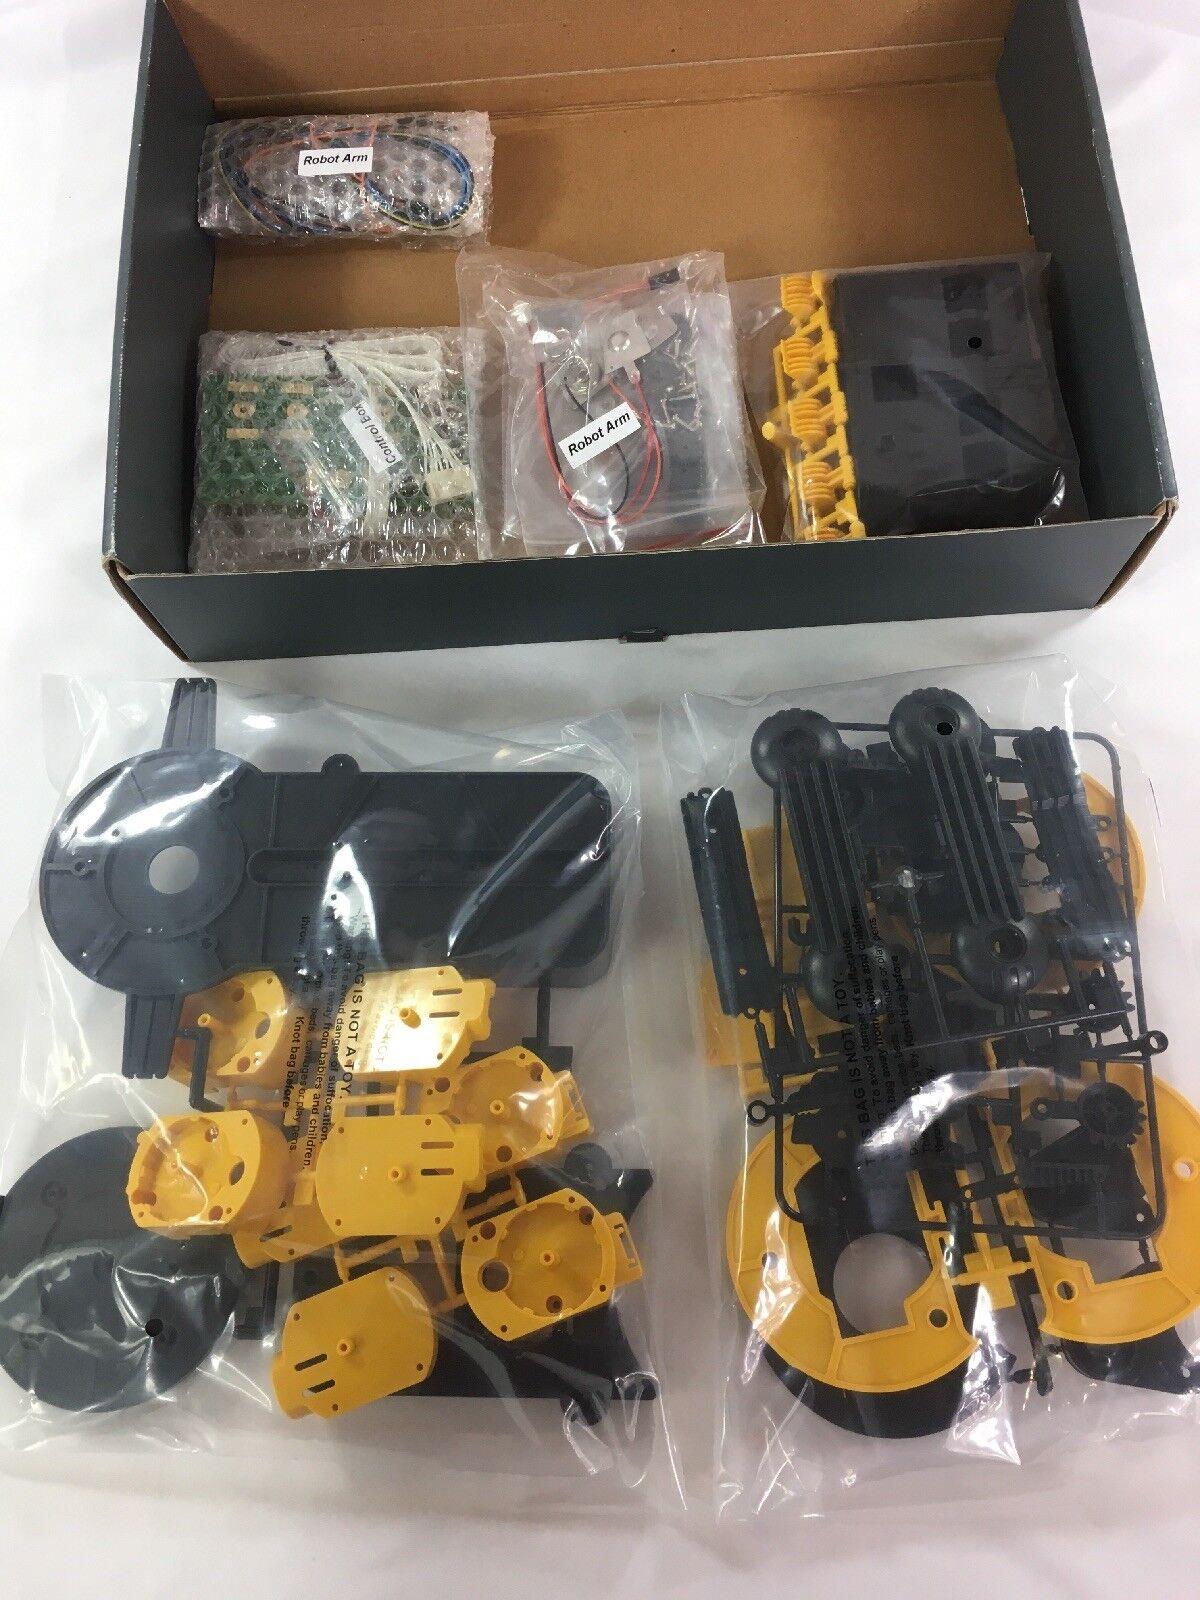 Thumbs Up /[UK-Import/] Robot Arm Build Your Own ROBOTARM B002HXTONC